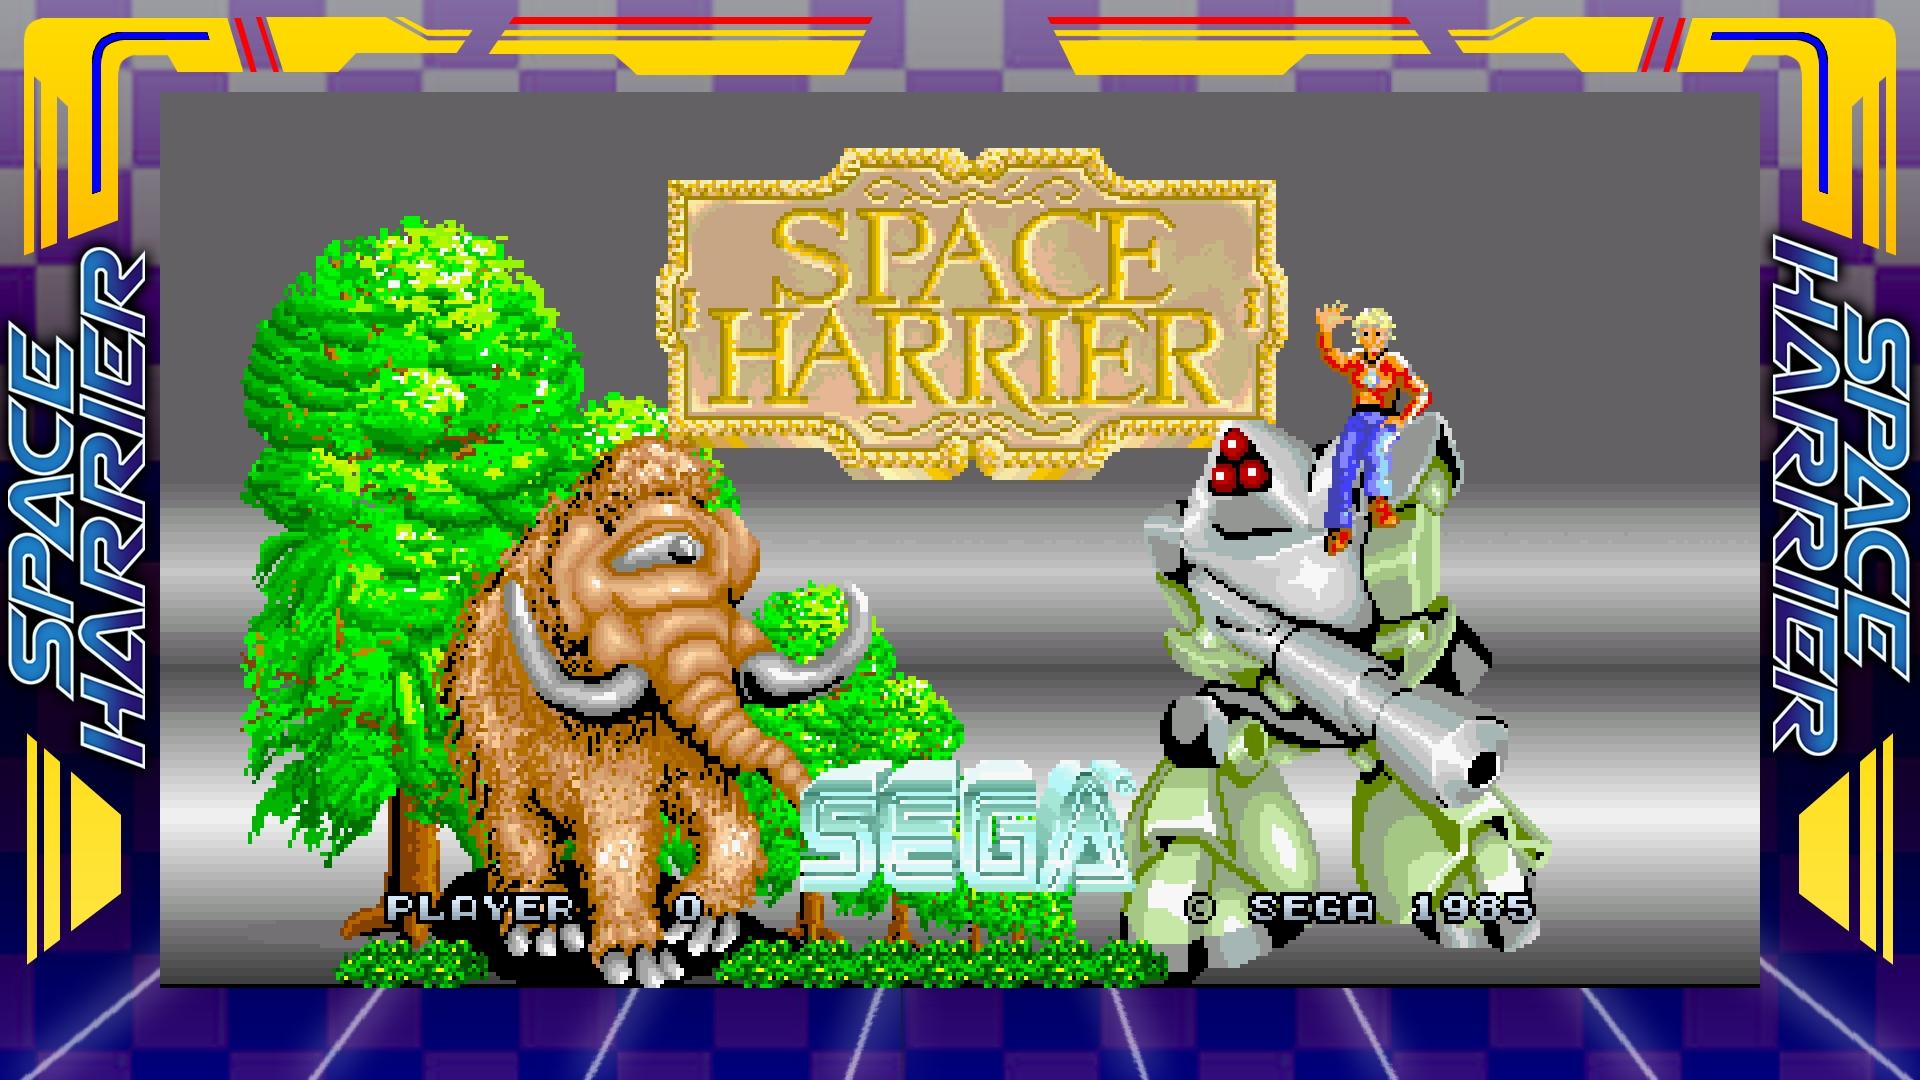 『SEGA AGES スペースハリアー』思い出の名作ゲームの配信決定!